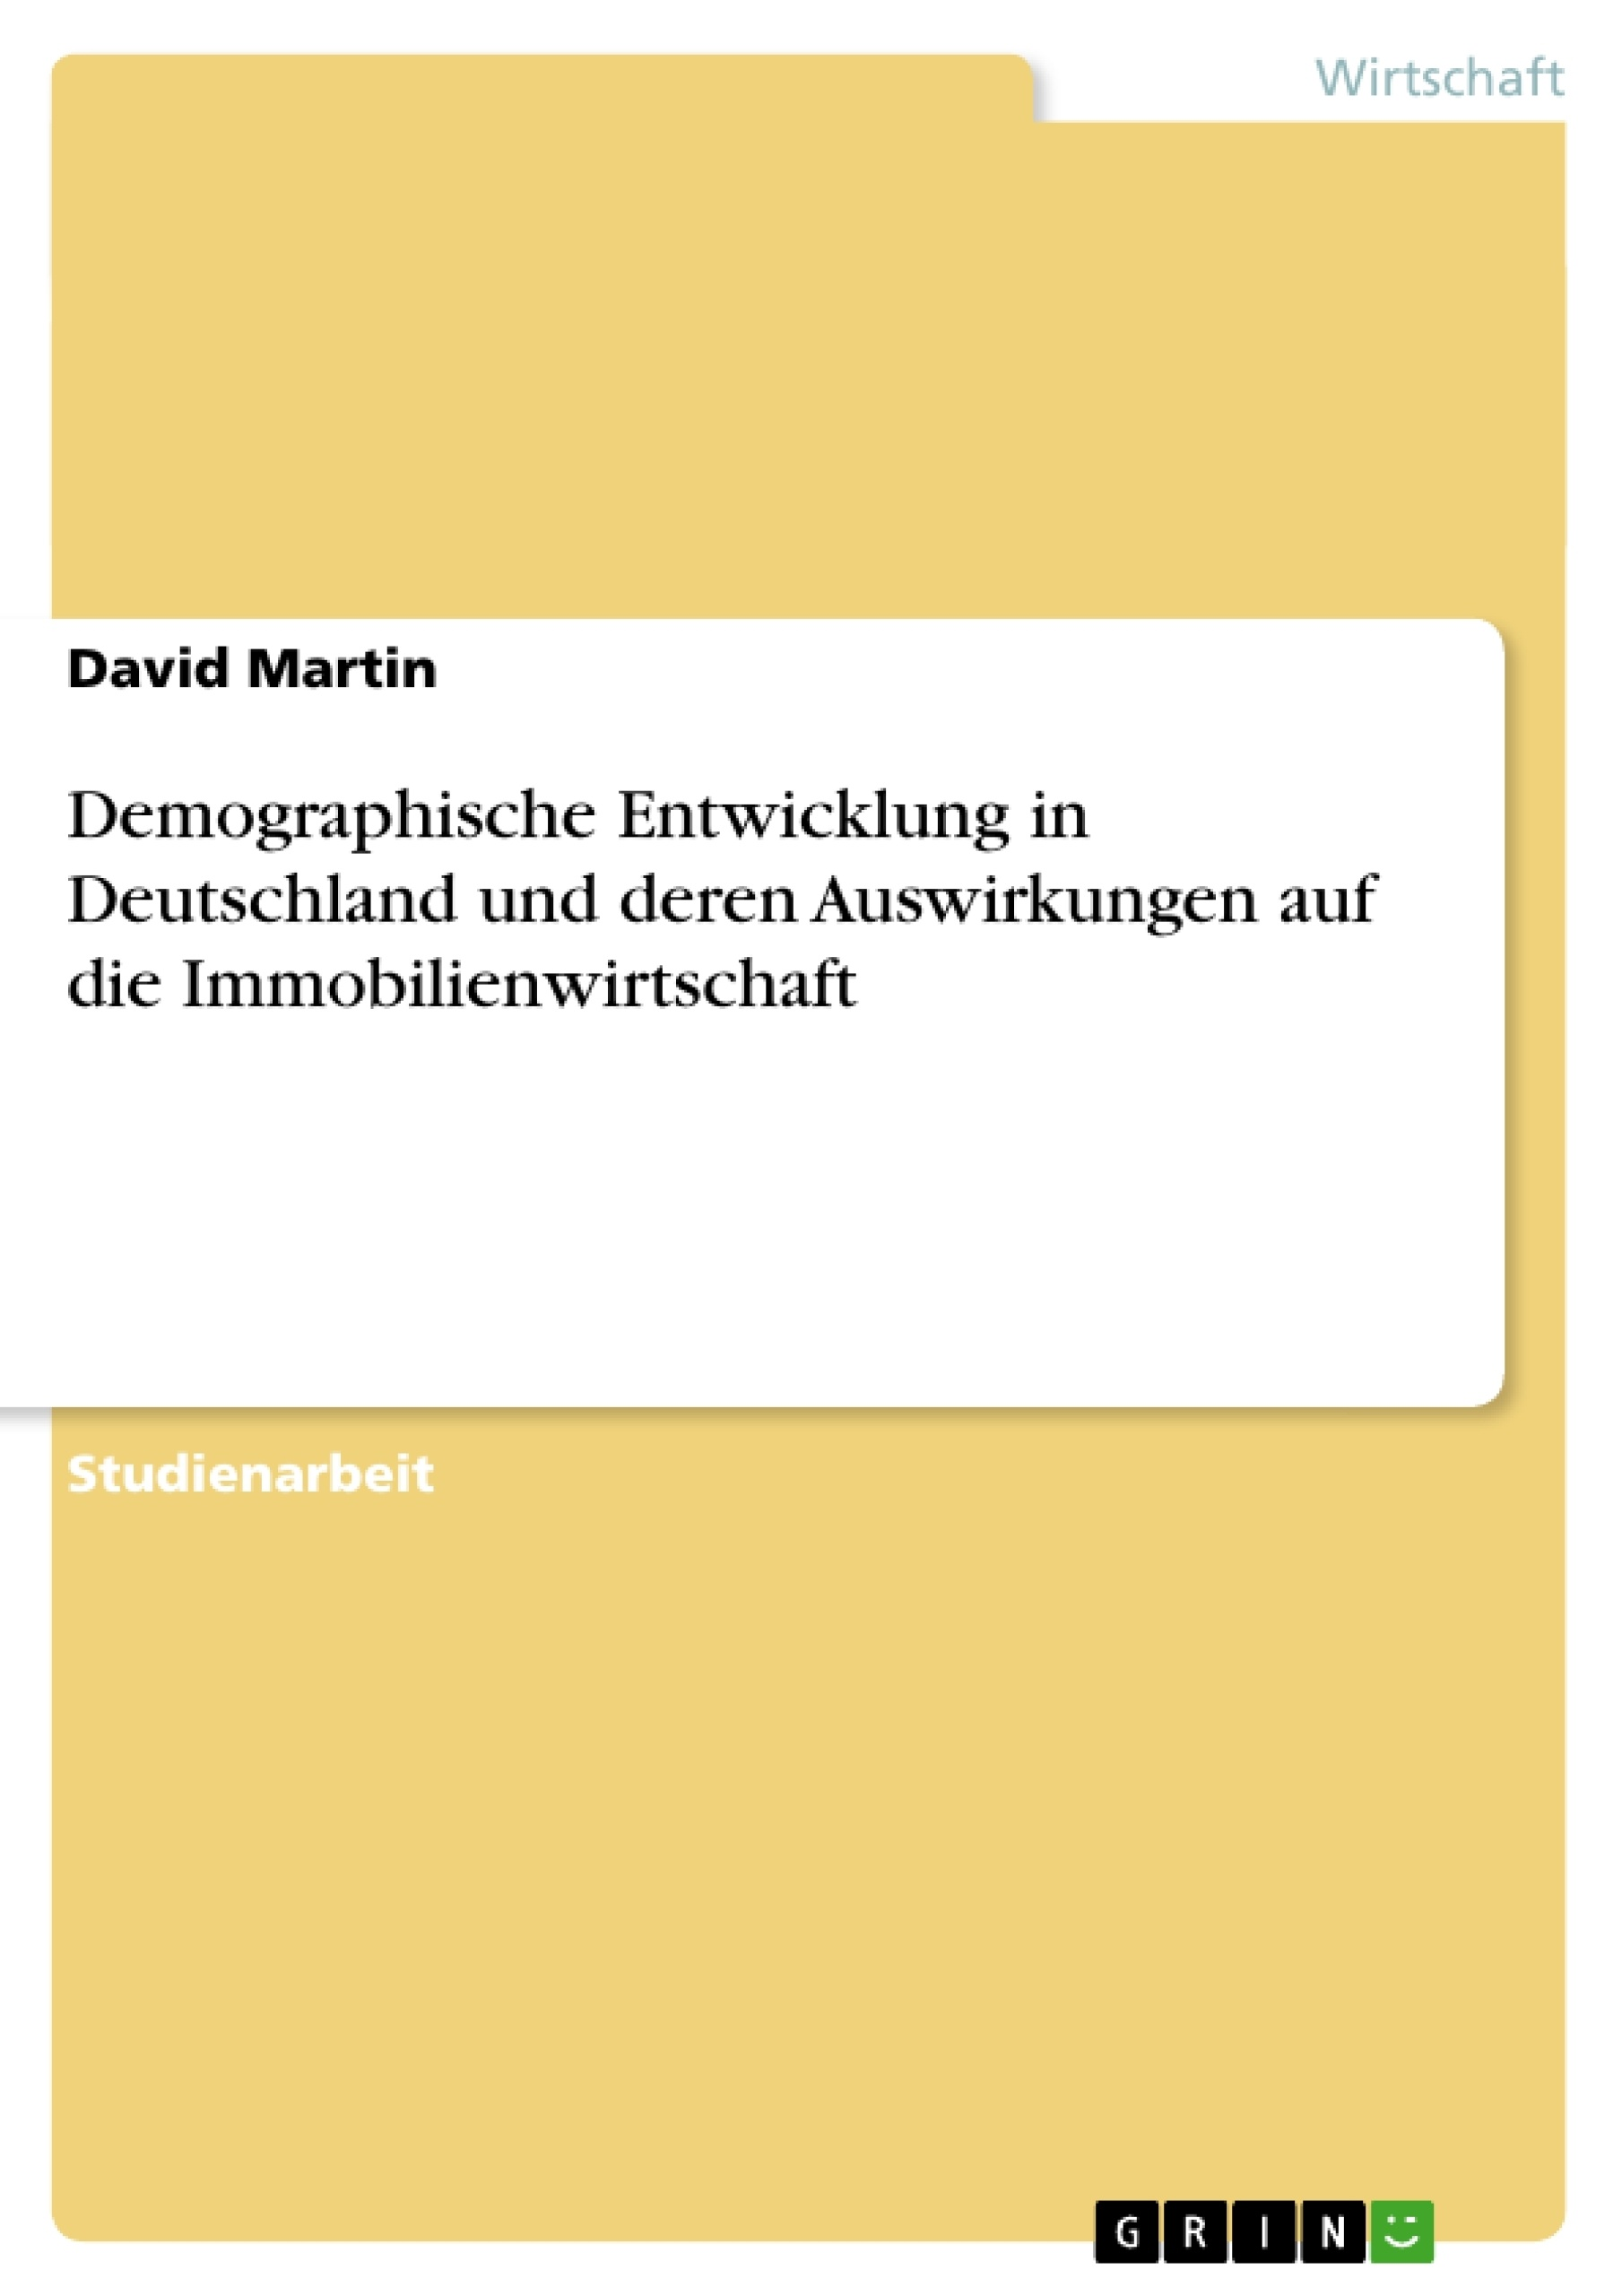 demographische entwicklung in deutschland und deren auswirkungen masterarbeit hausarbeit. Black Bedroom Furniture Sets. Home Design Ideas